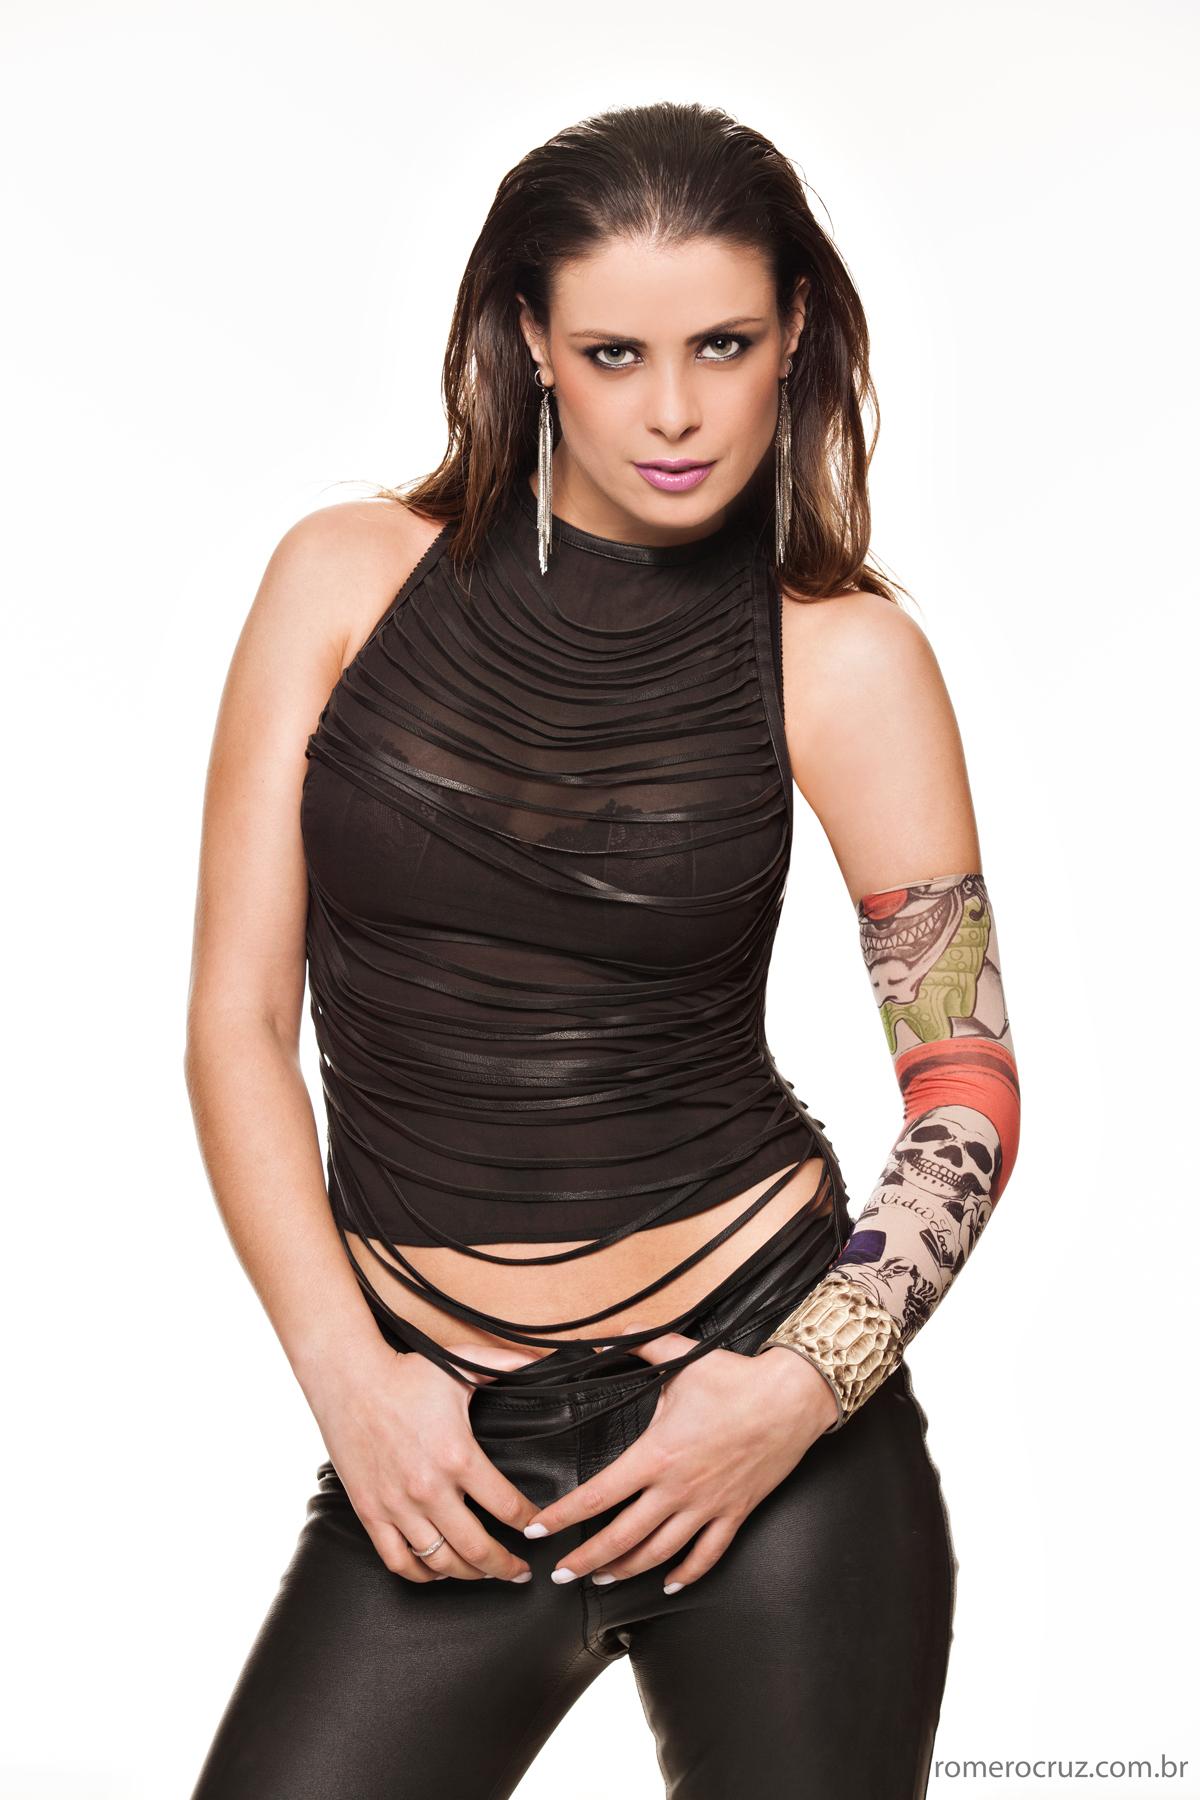 Foto da bela modelo Raquel Freire